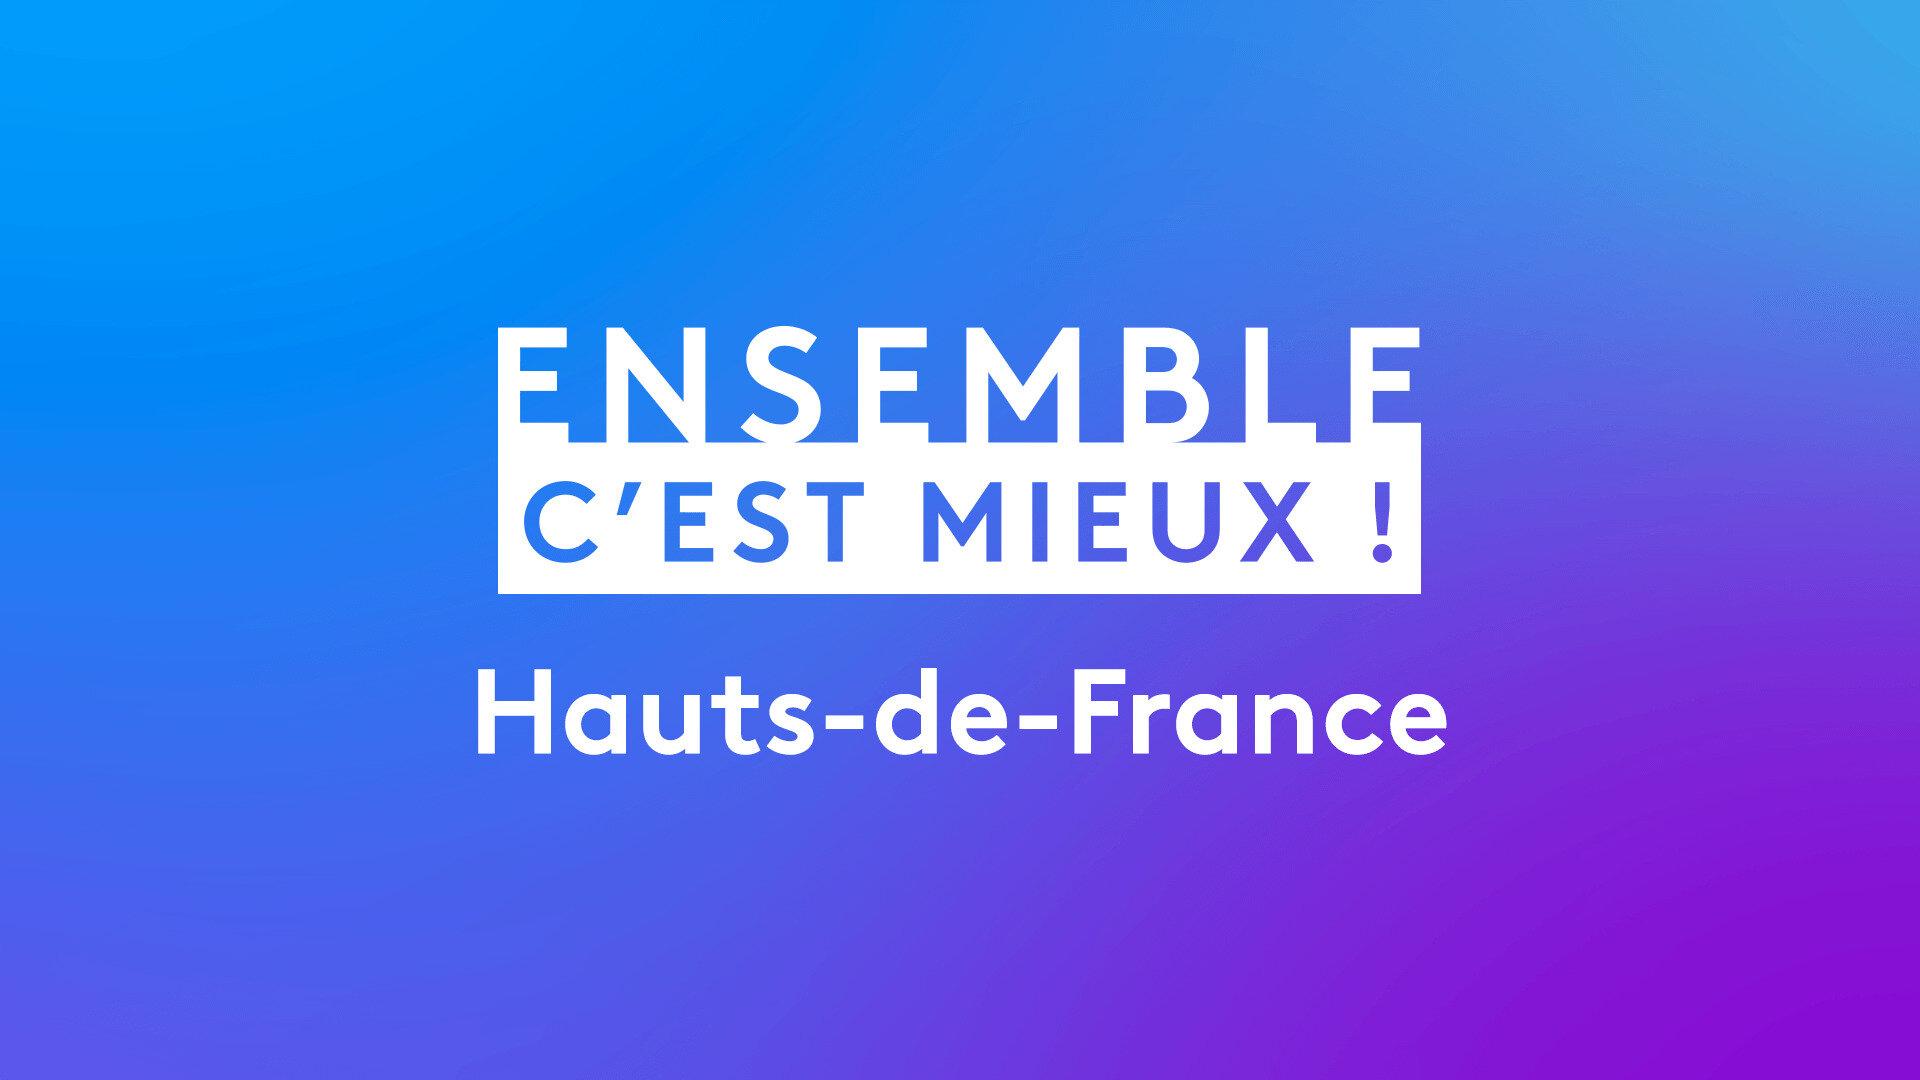 Ensemble c'est mieux ! Hauts-de-France : La belle histoire de La Pierre Qui Tourne à Couloisy